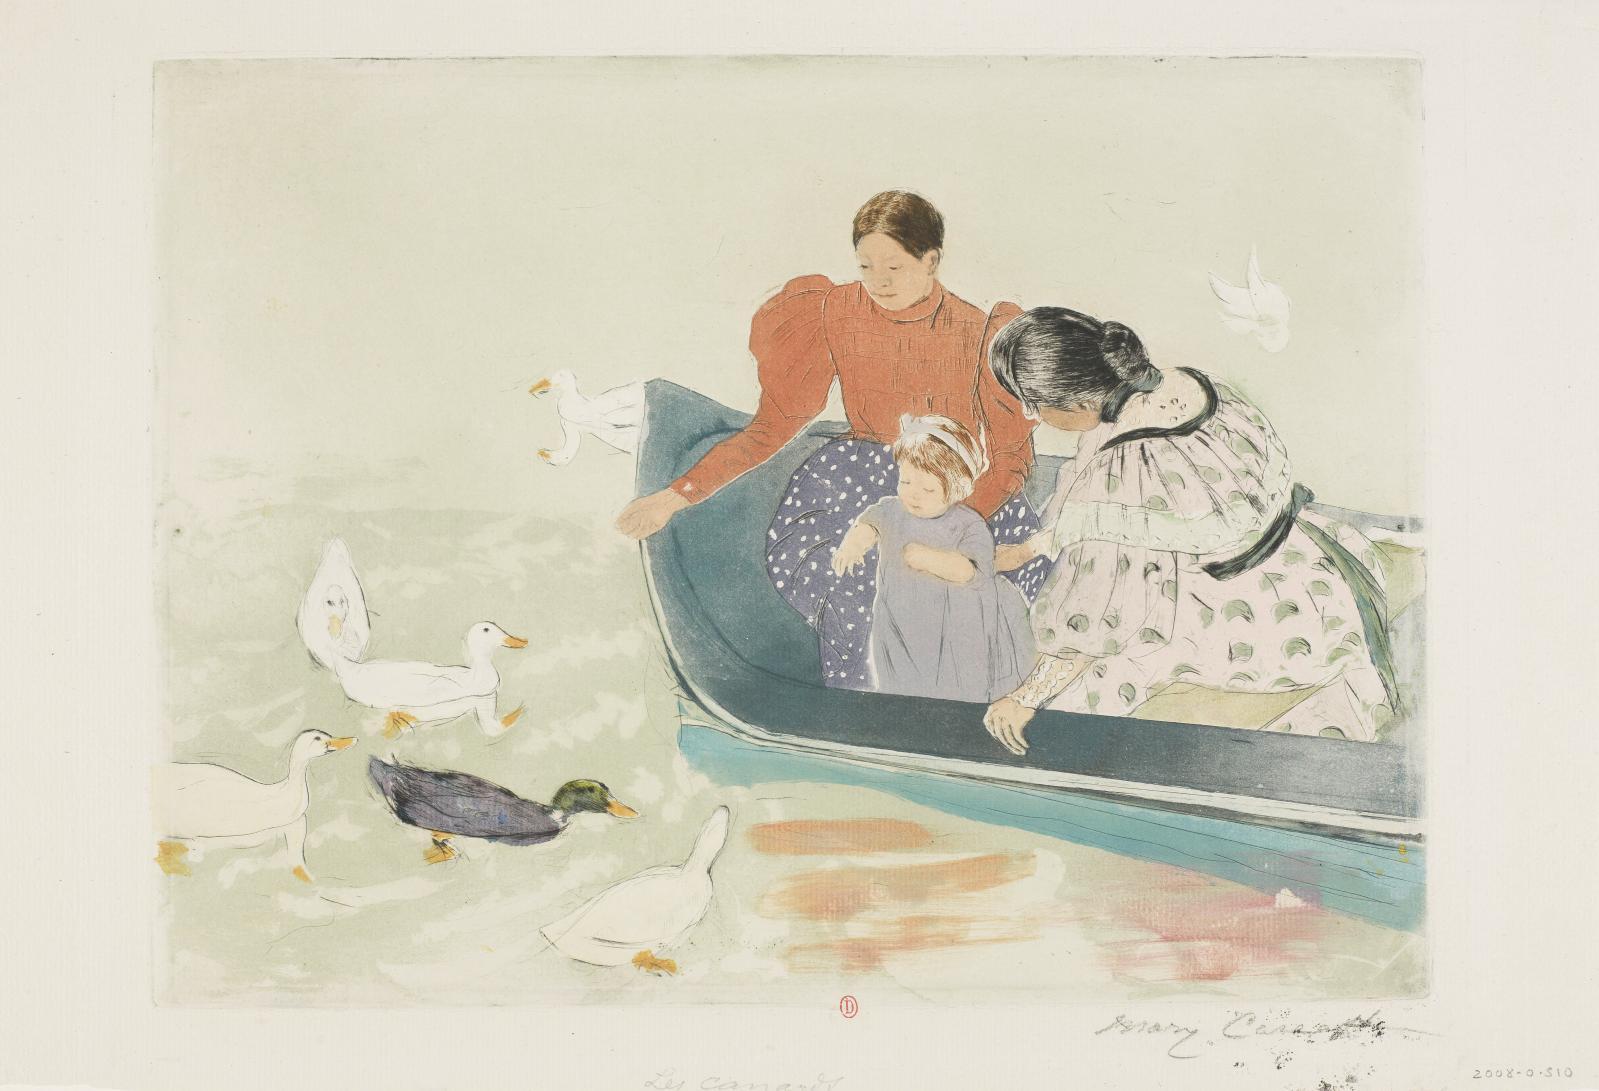 Le Repas des canards, vers 1895, pointe-sèche, vernis mou, aquatinte en couleurs et rehauts d'aquarelle, 29,9x40cm, Paris, Institut national d'hist